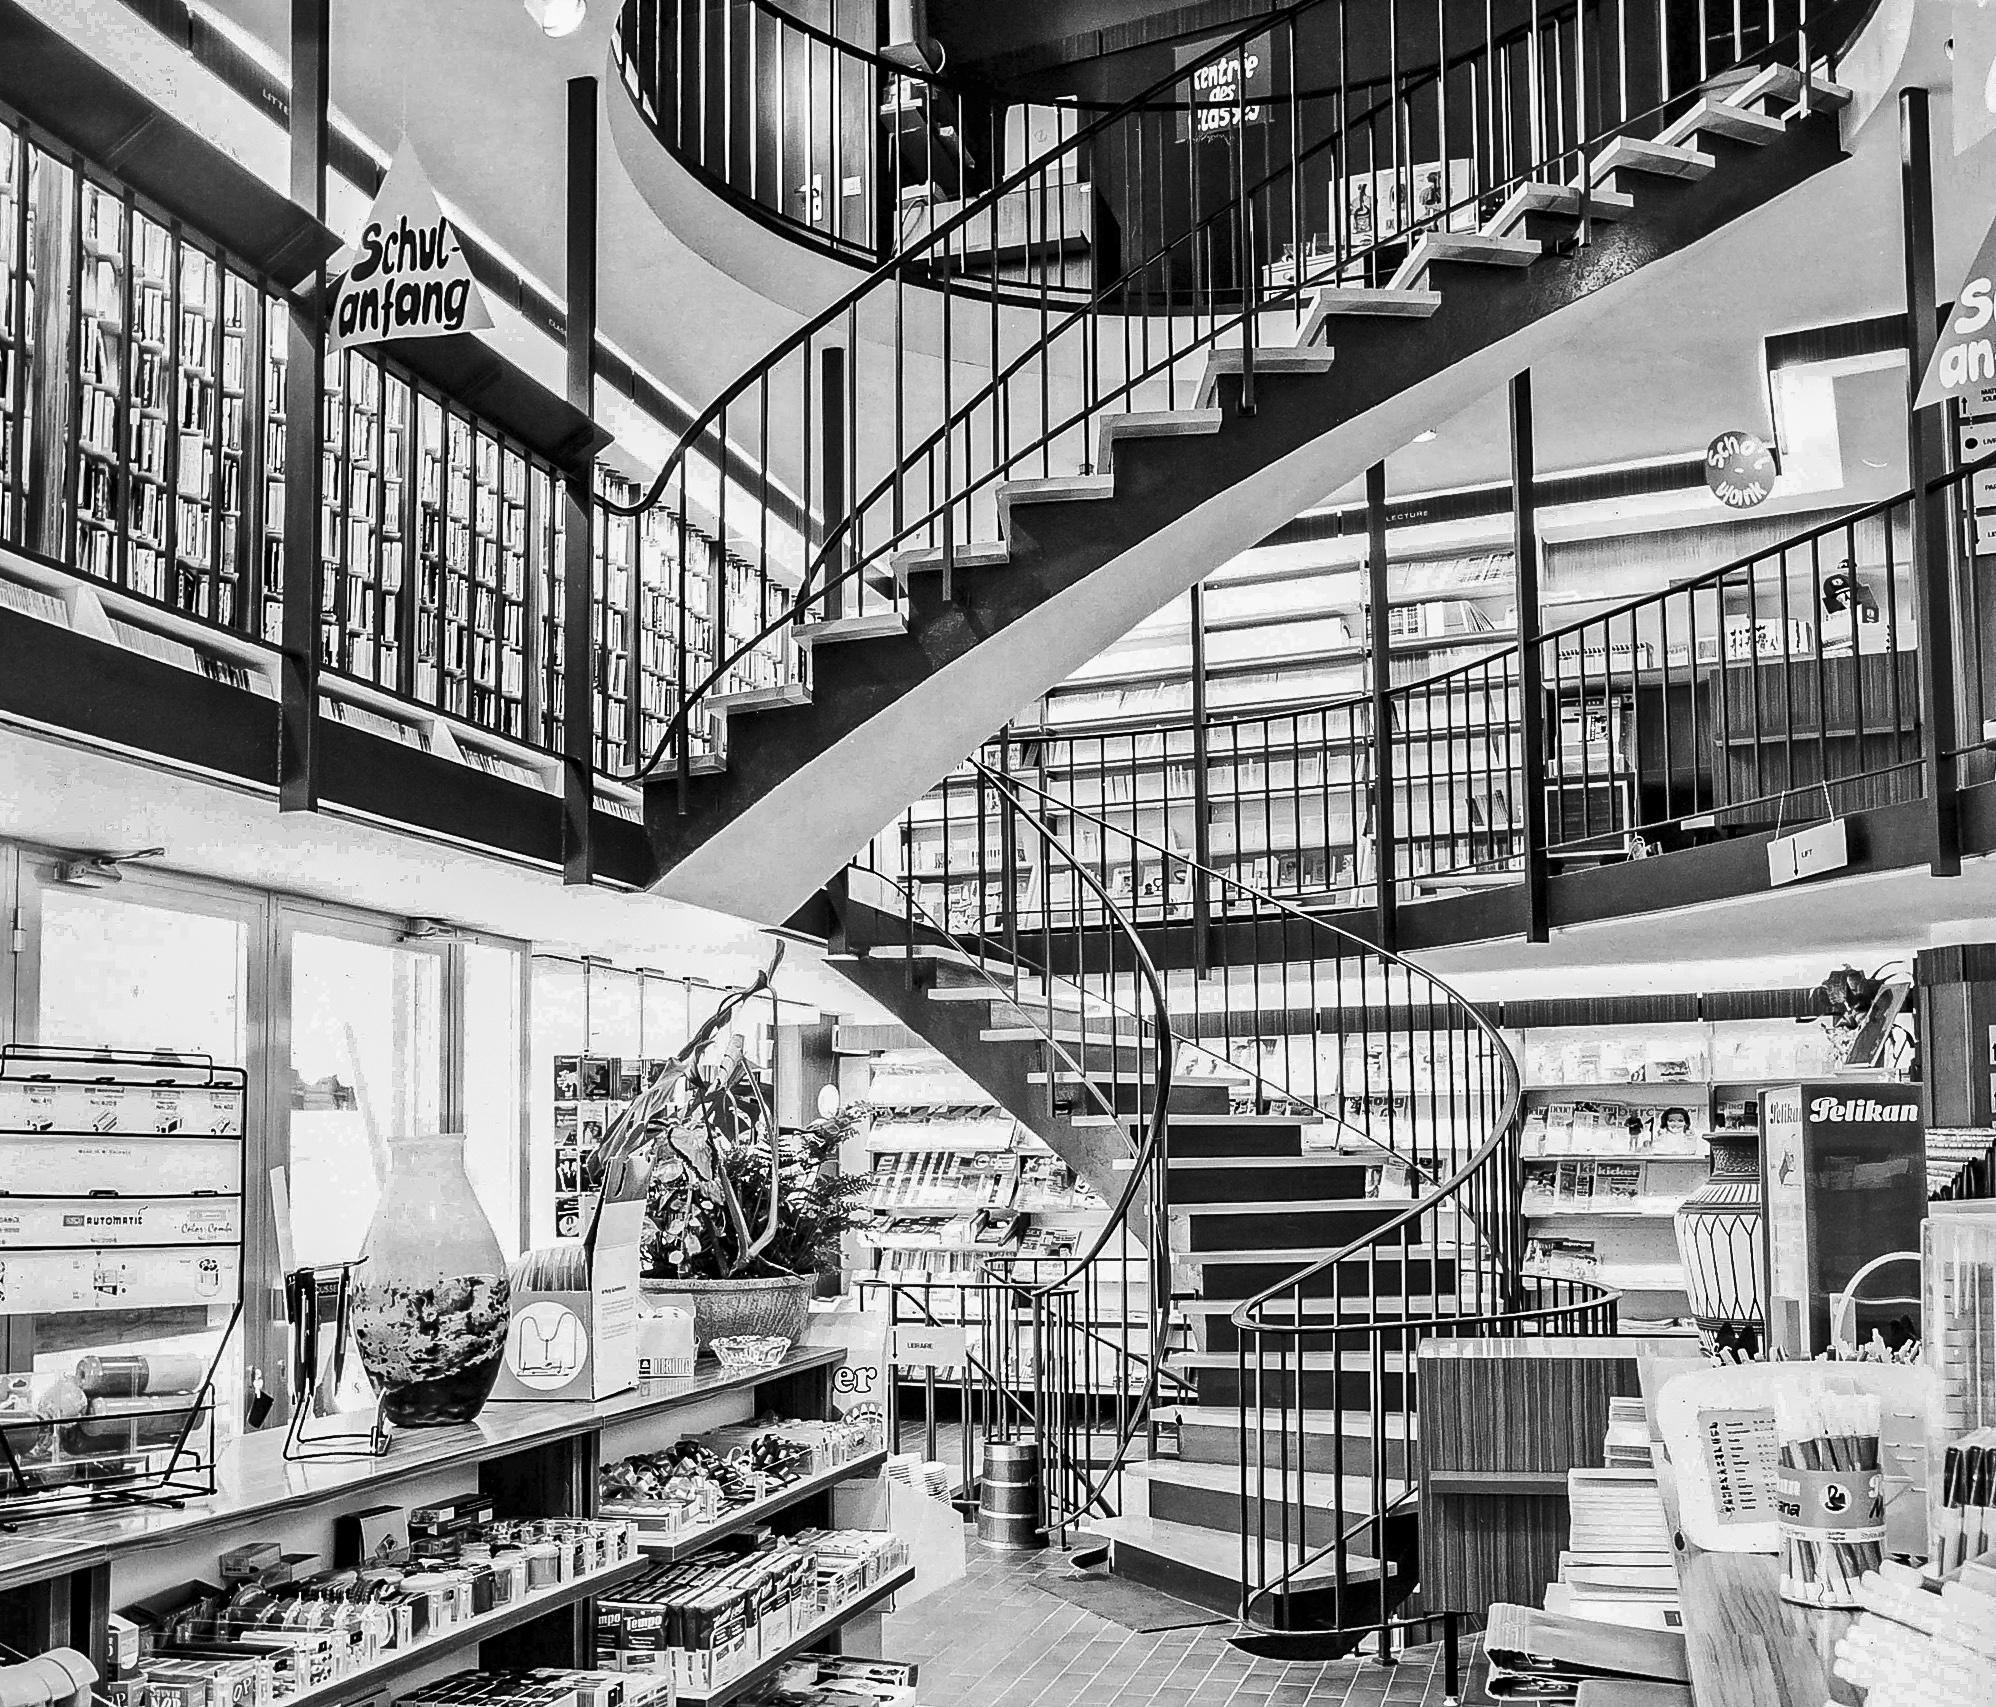 Le grand escalier en colimaçon dessert les étages de la librairie.